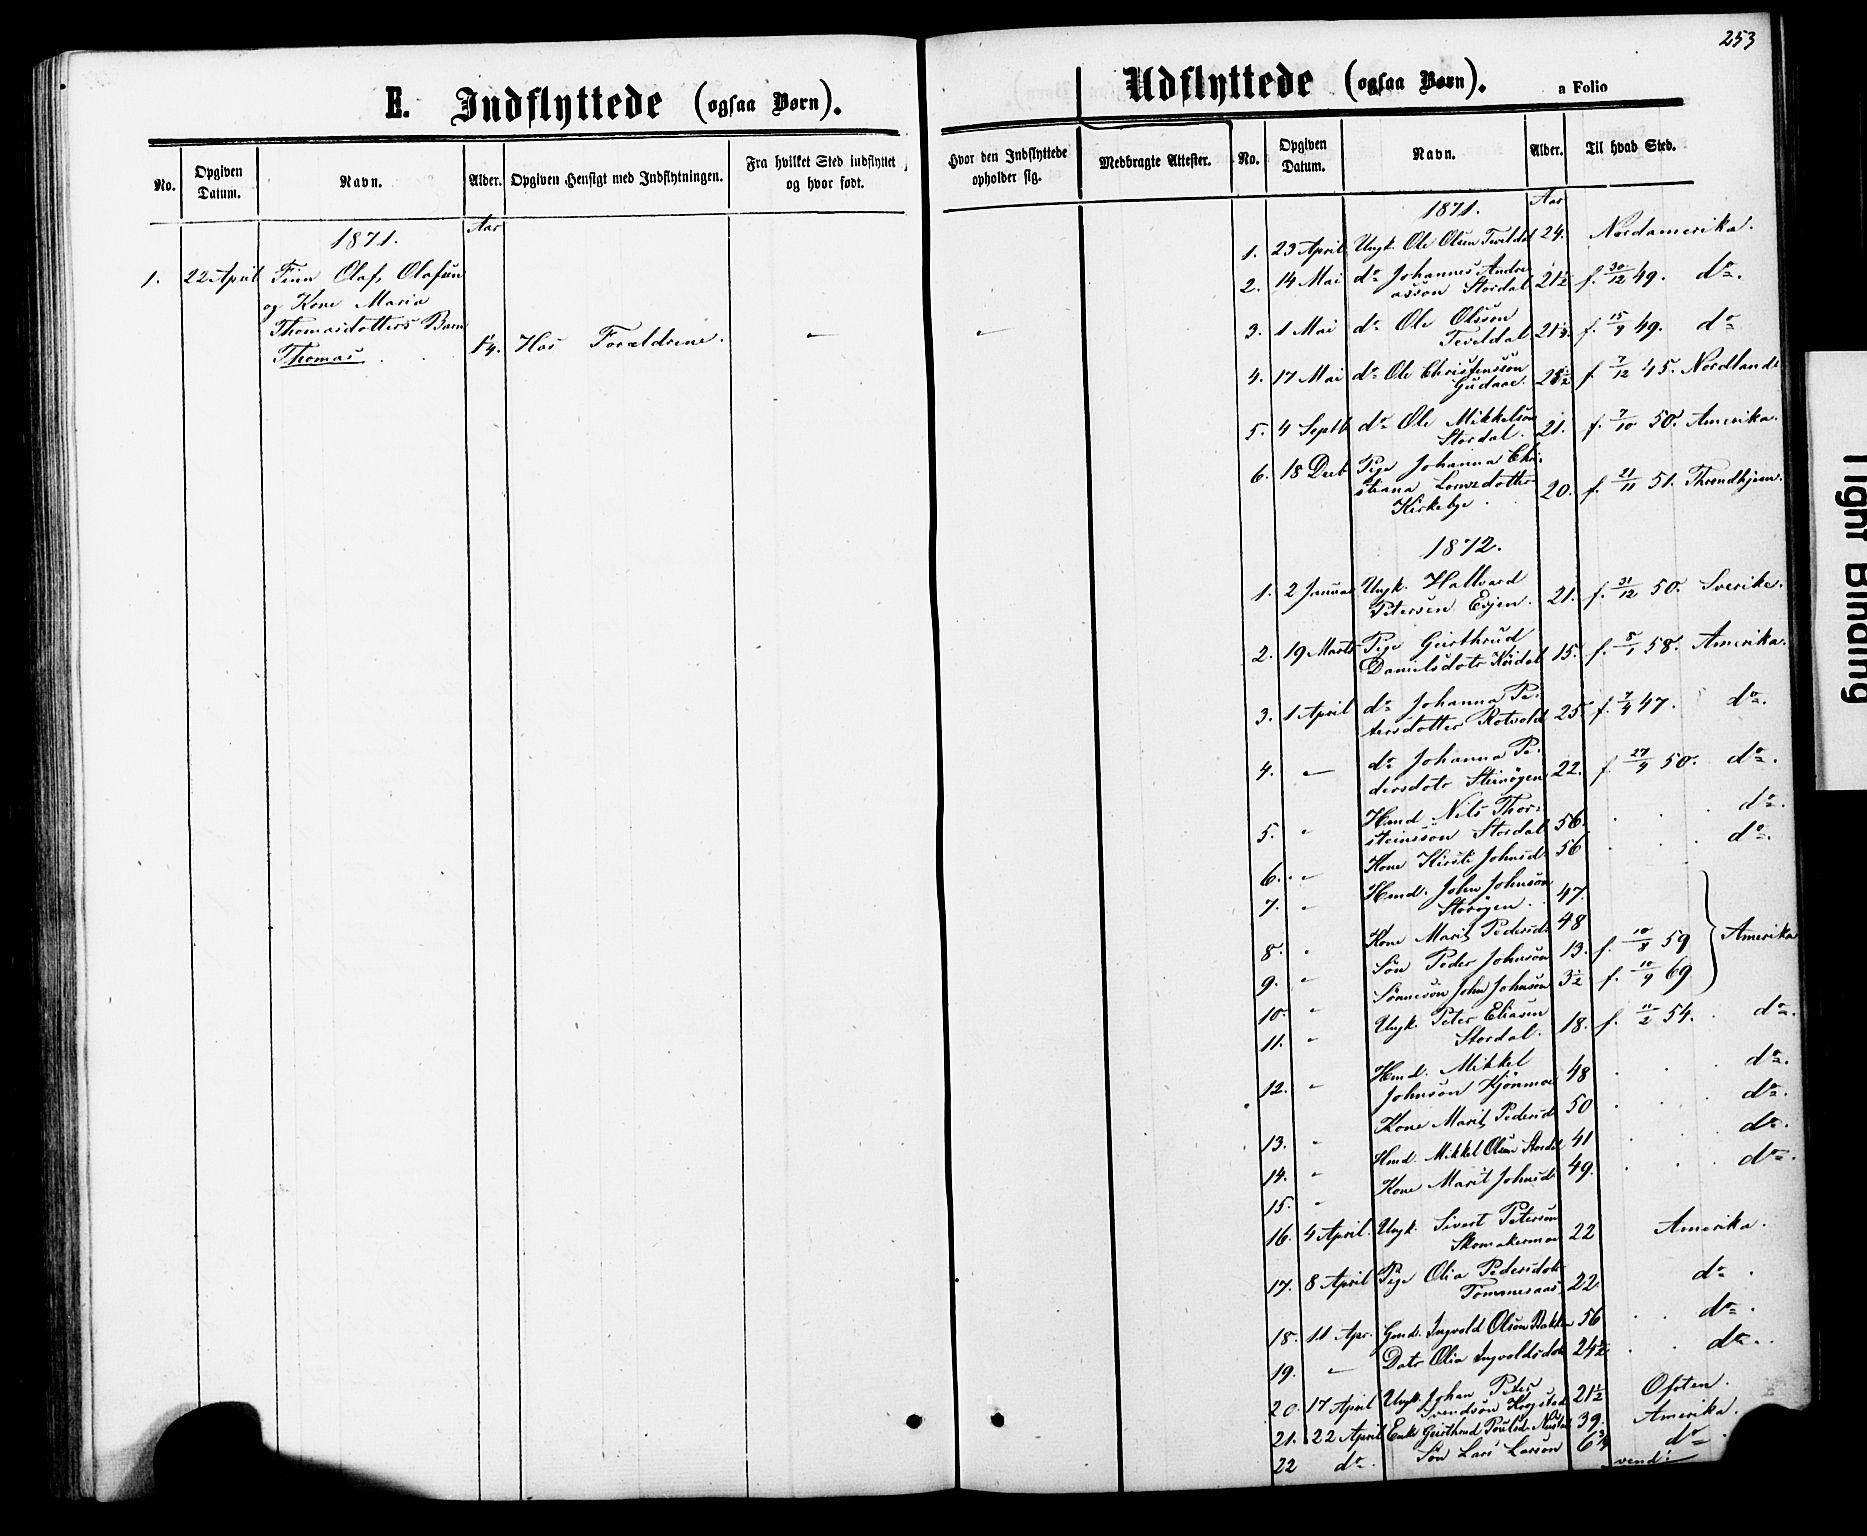 SAT, Ministerialprotokoller, klokkerbøker og fødselsregistre - Nord-Trøndelag, 706/L0049: Klokkerbok nr. 706C01, 1864-1895, s. 253